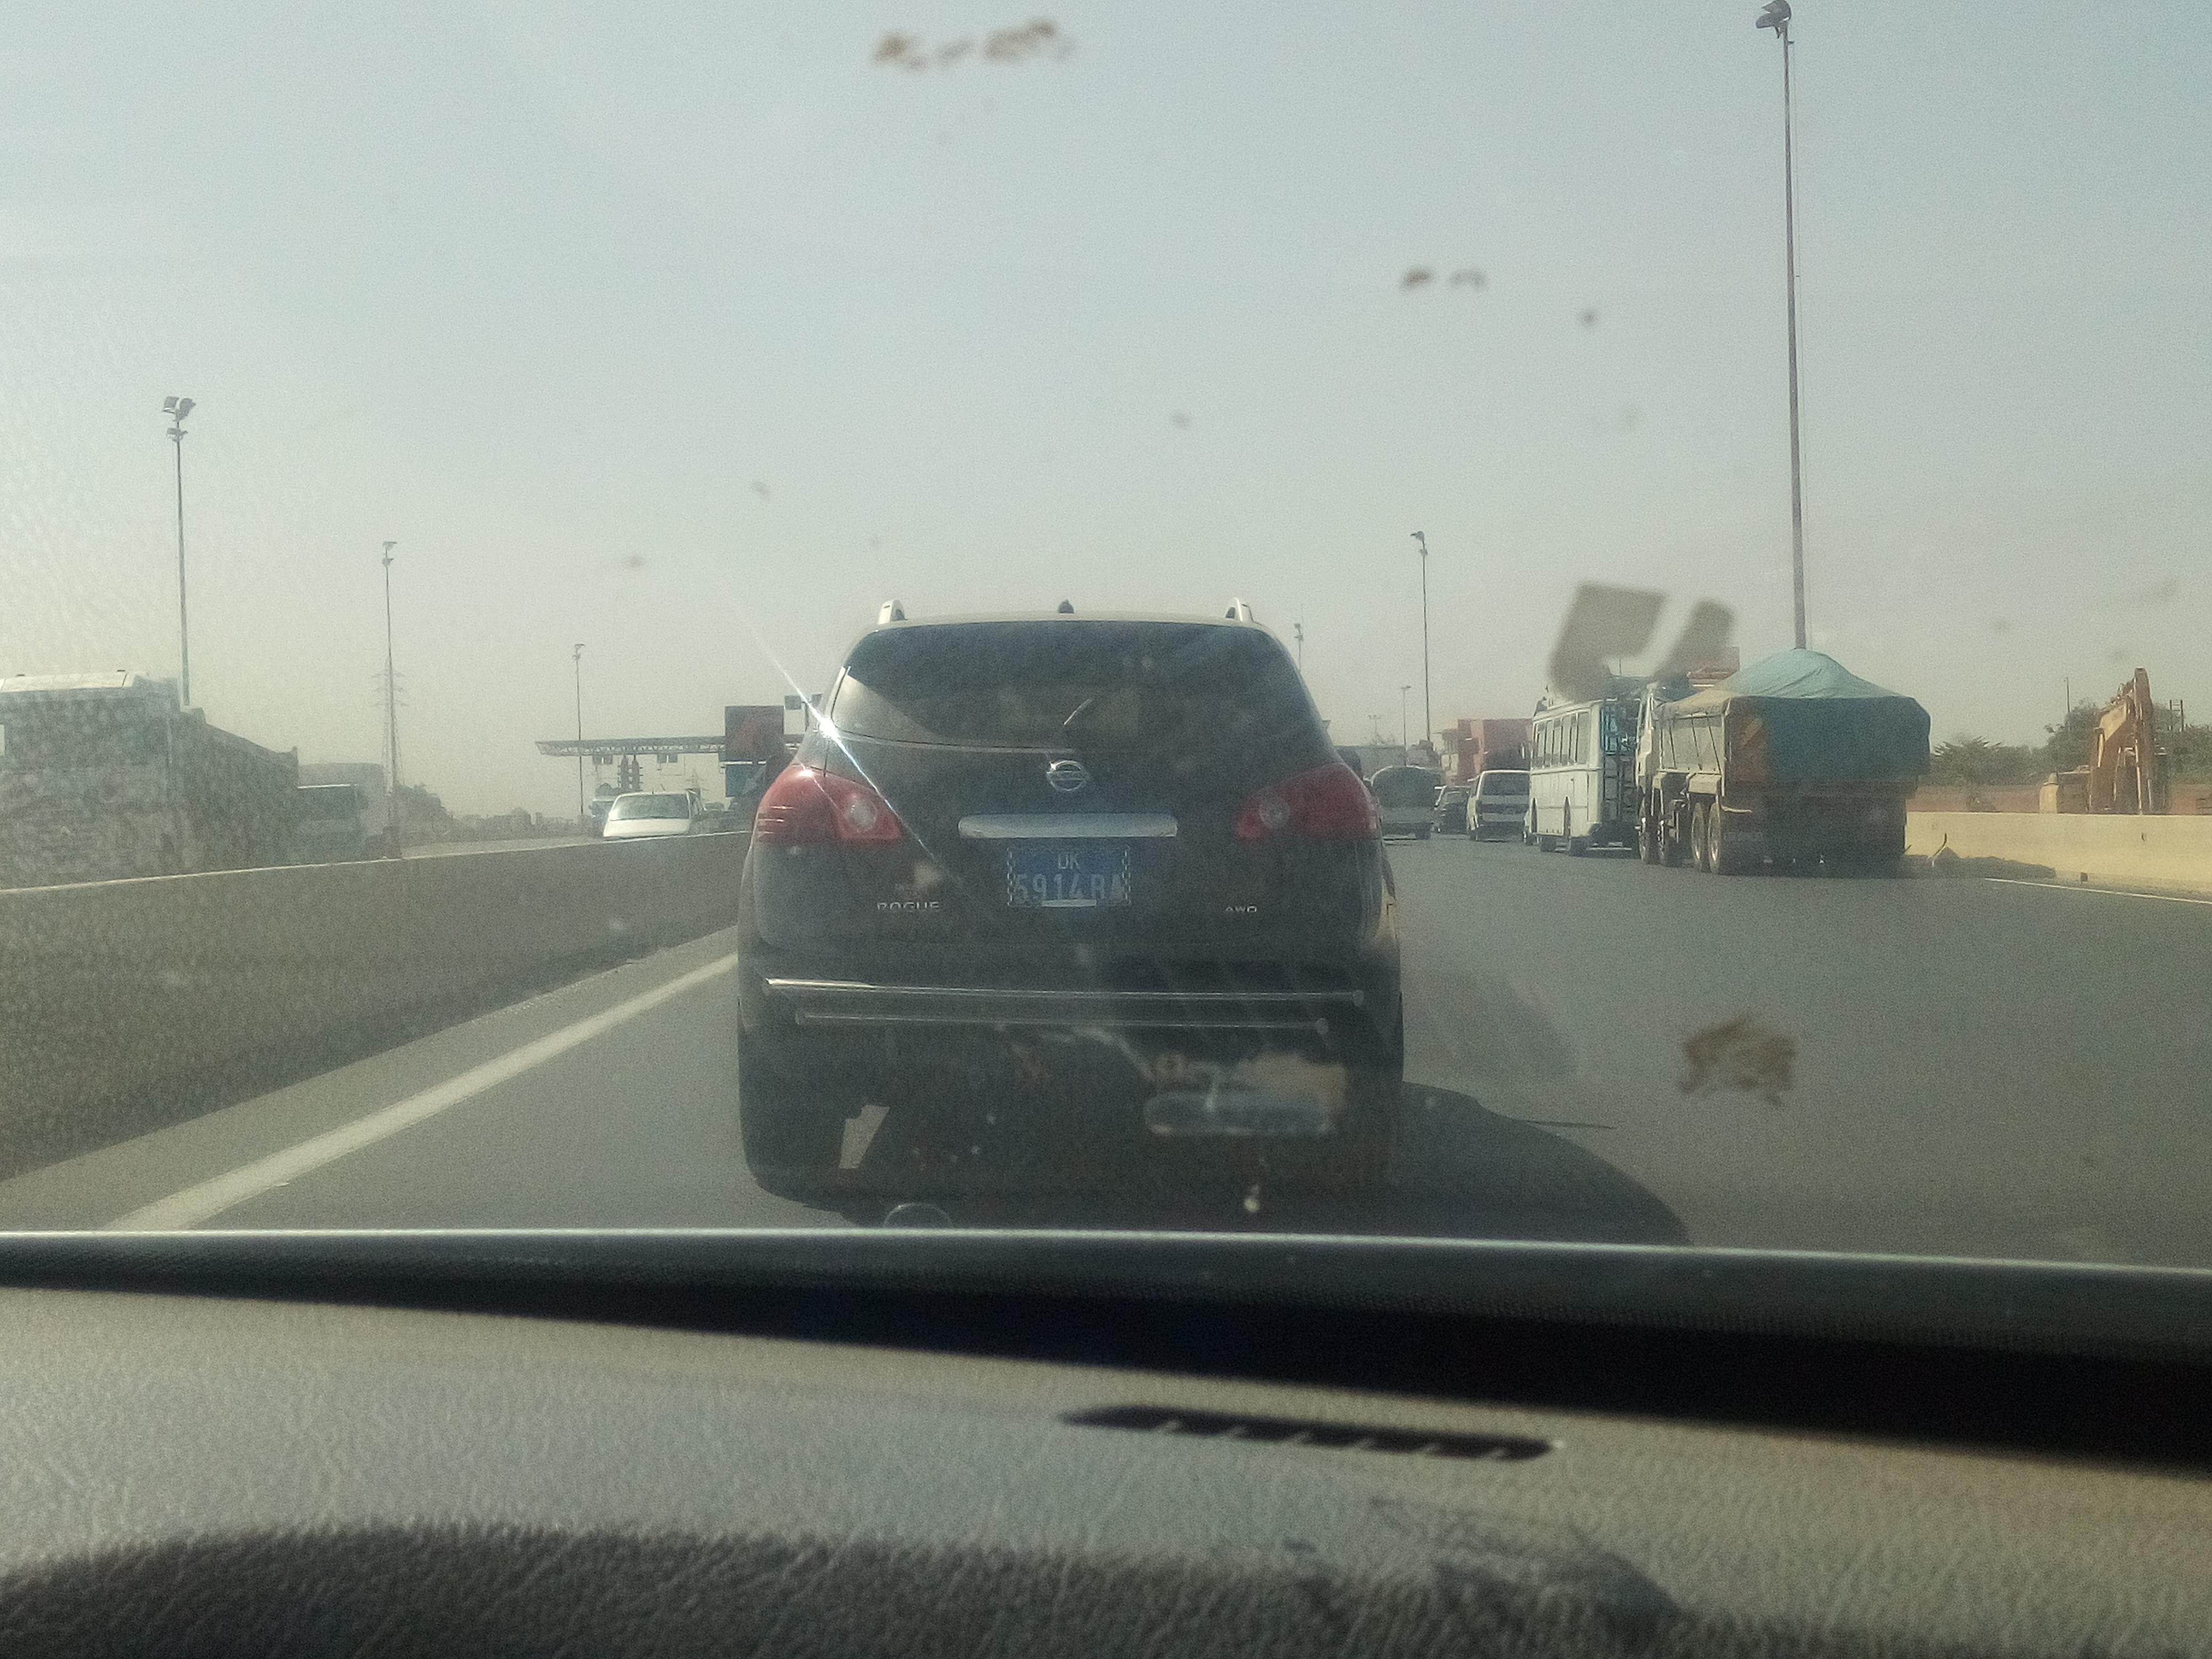 Autoroute à péage : Un chauffard a failli créer un grave accident.